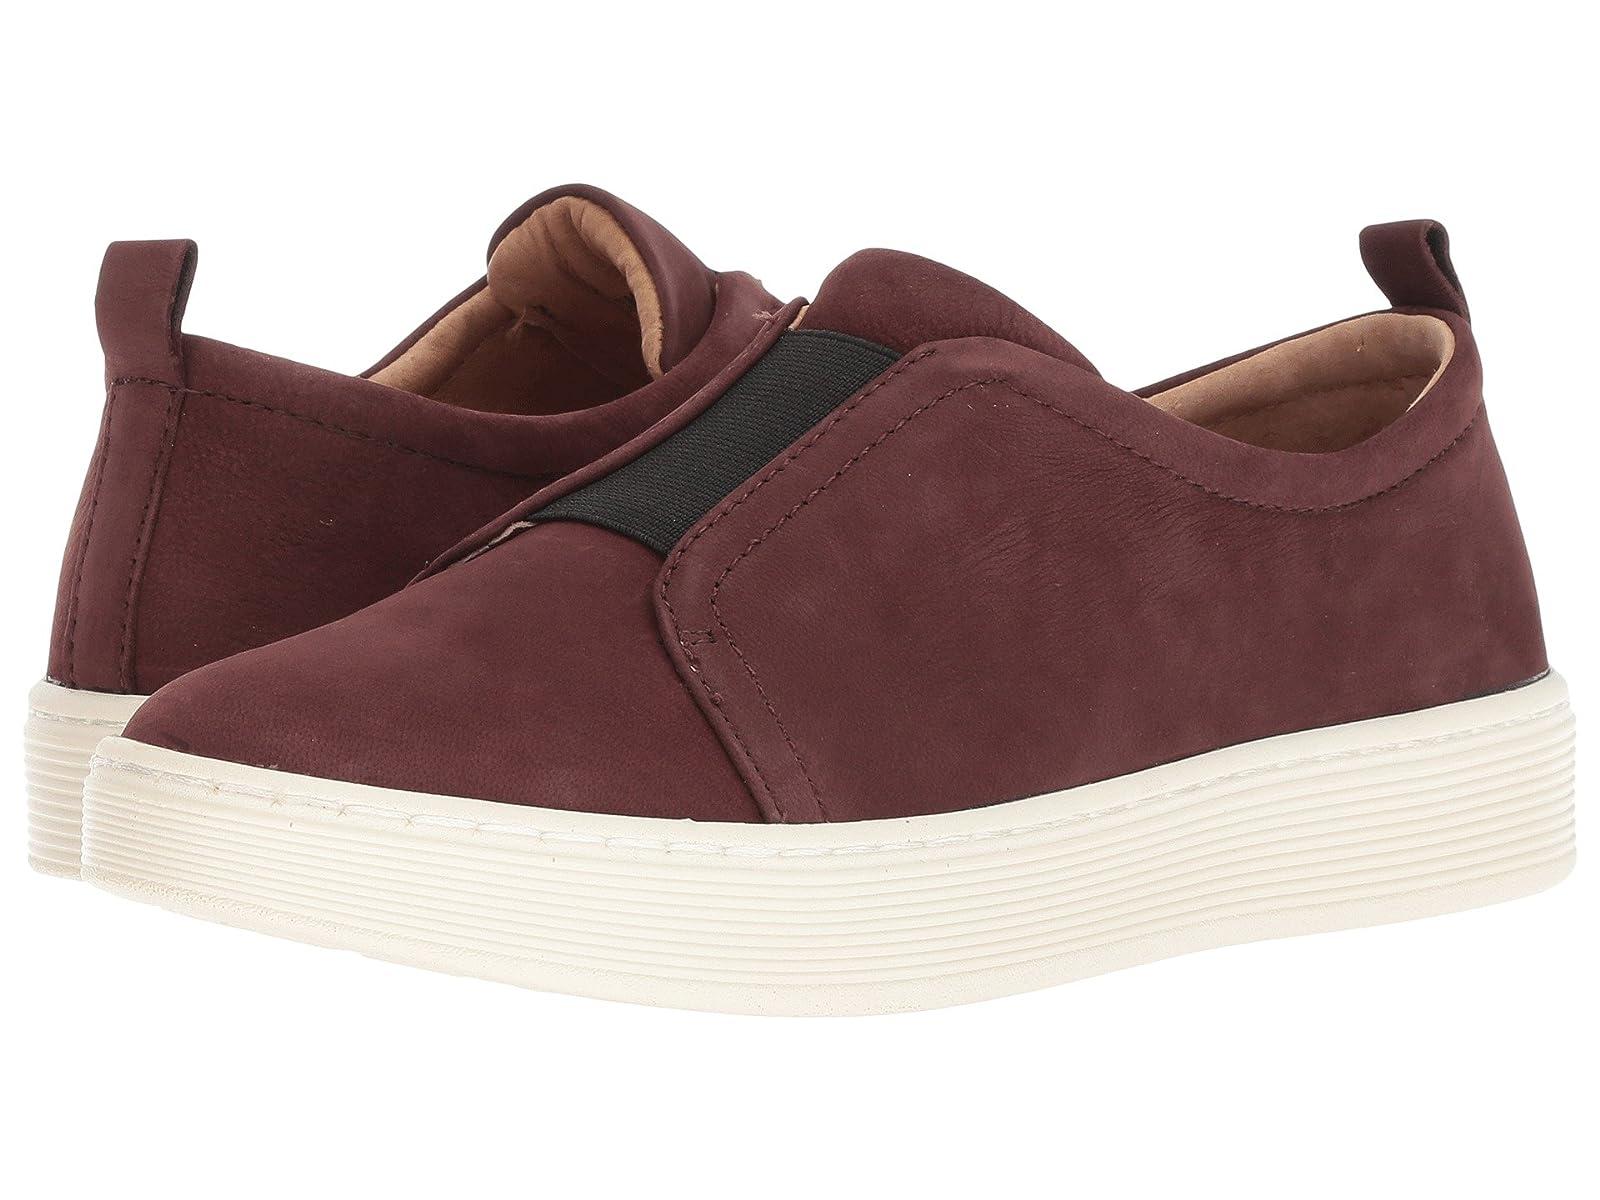 Sofft SafiaAtmospheric grades have affordable shoes